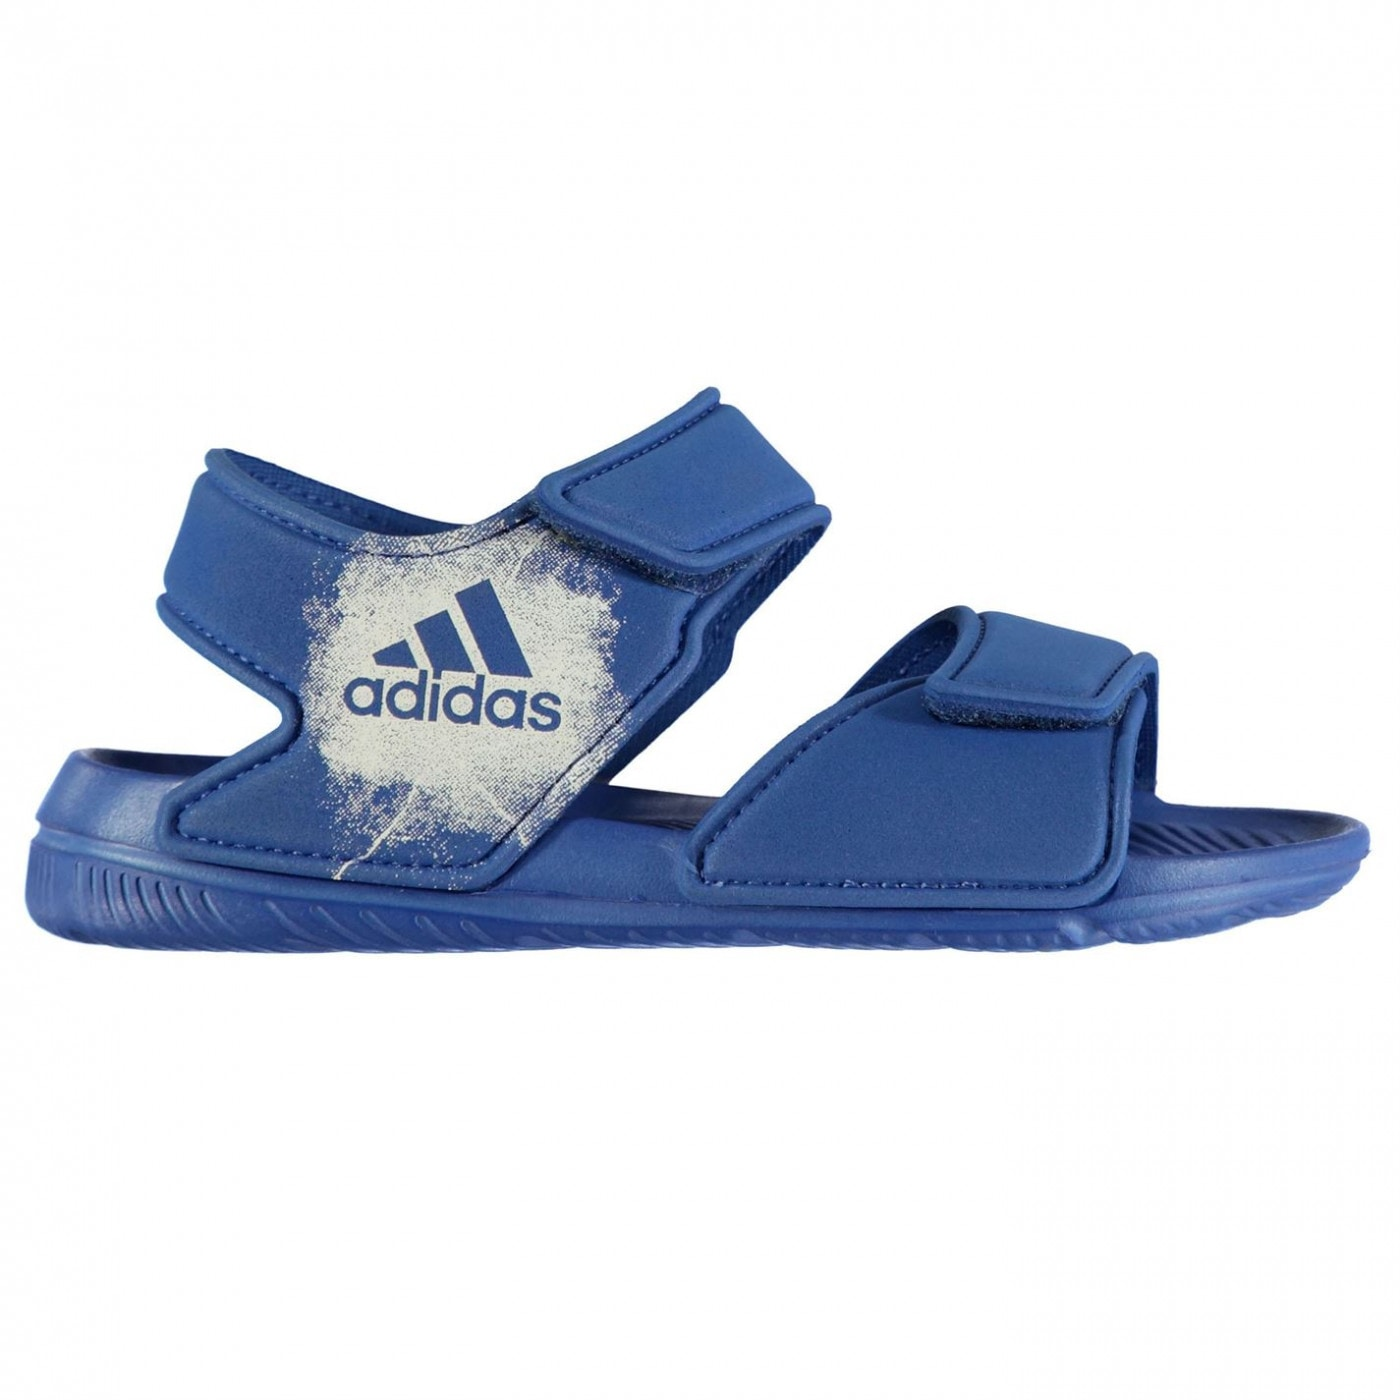 Adidas Alta Swim Childrens Sandals